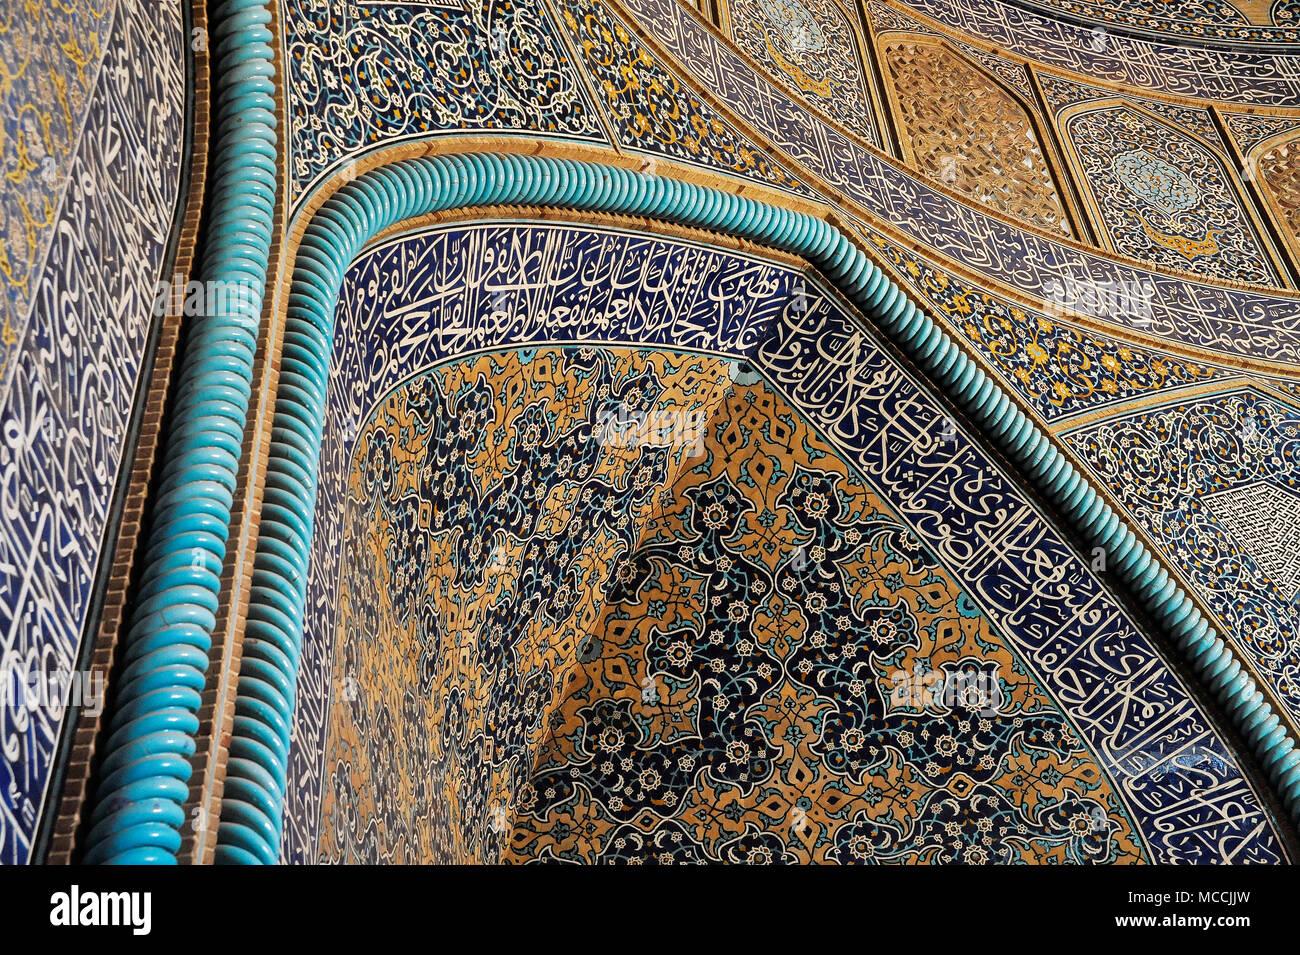 Sheikh Lotfollah mosque, detail of mosaics - Isfahan, Iran - Stock Image